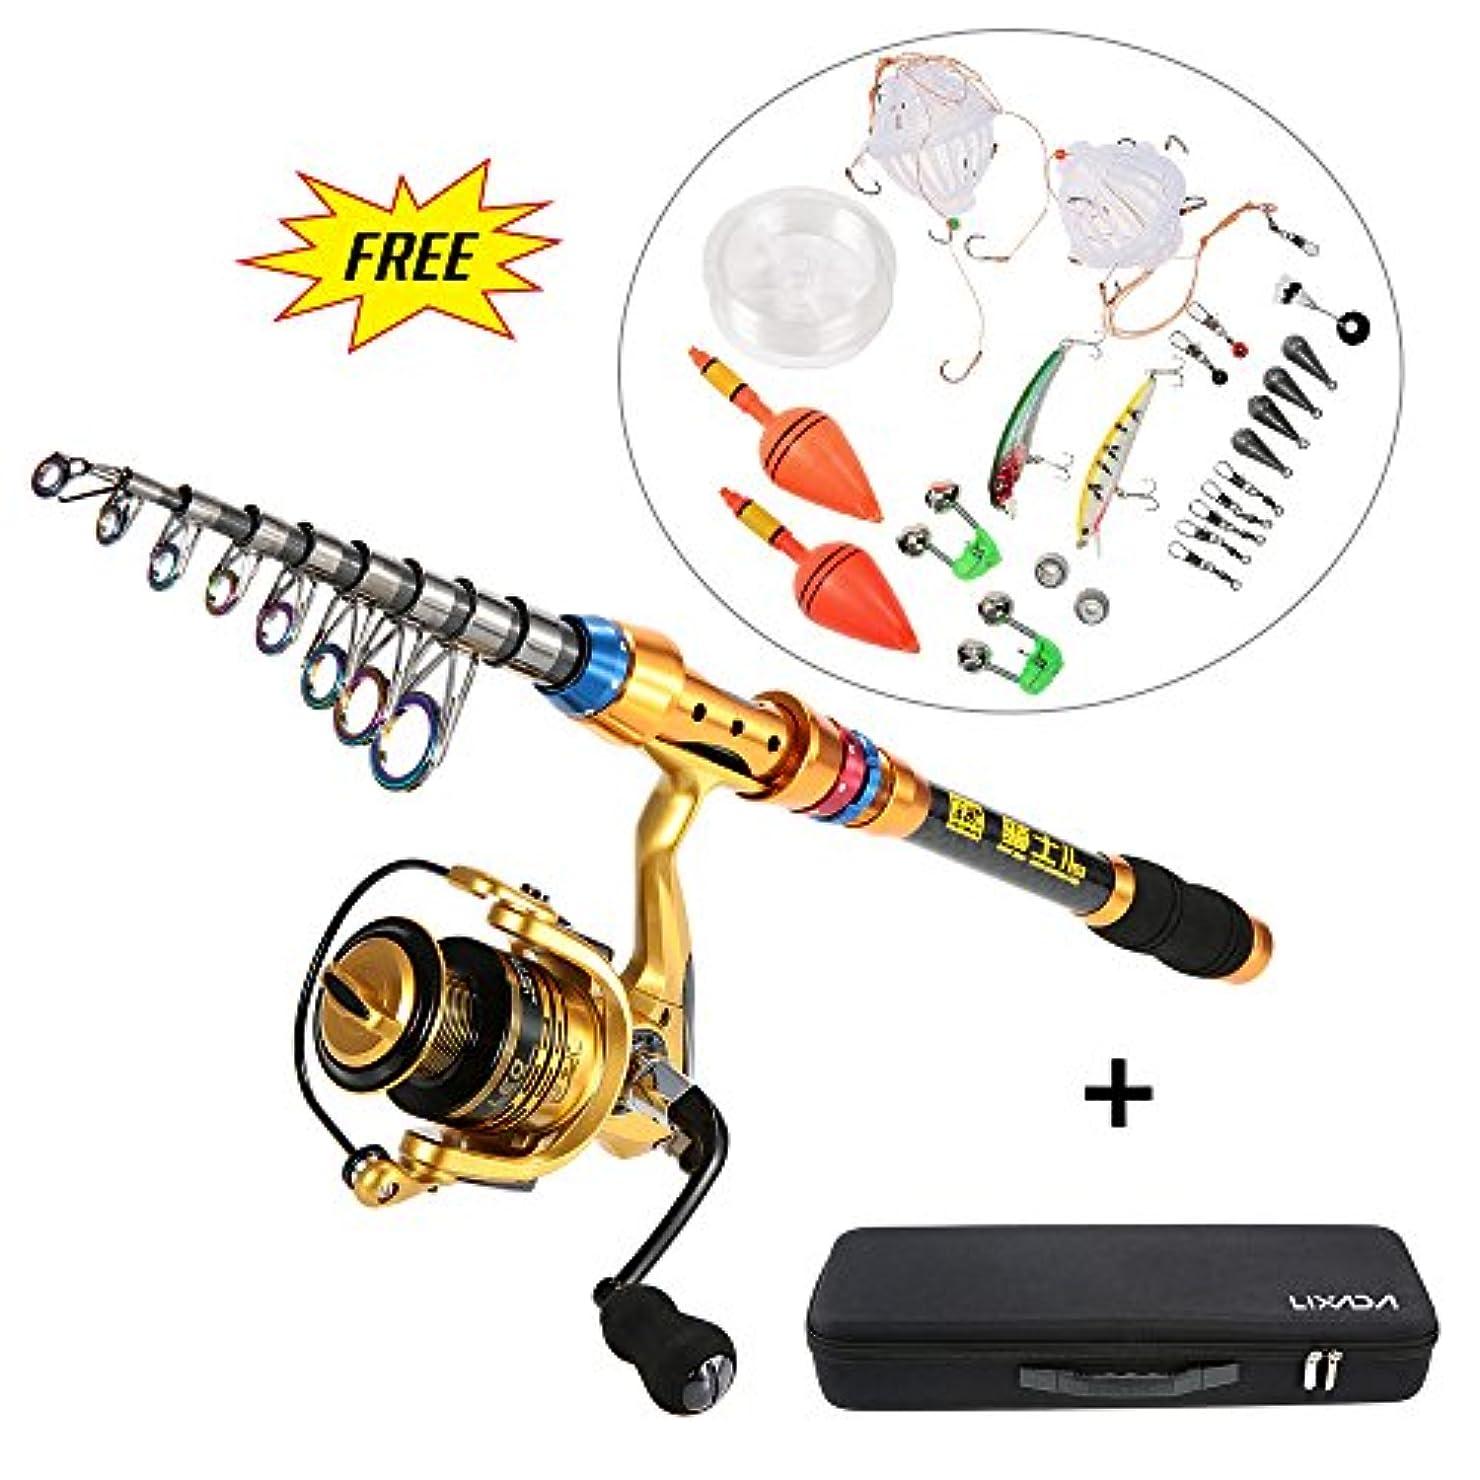 主要なの間で三Lixada Full Fishing Kit Combos Telescopic Fishing Rod Pole with Spinning Reel Line Lures Hooks Fishing Carrier Bag Case Fishing Gear Accessories Organiser